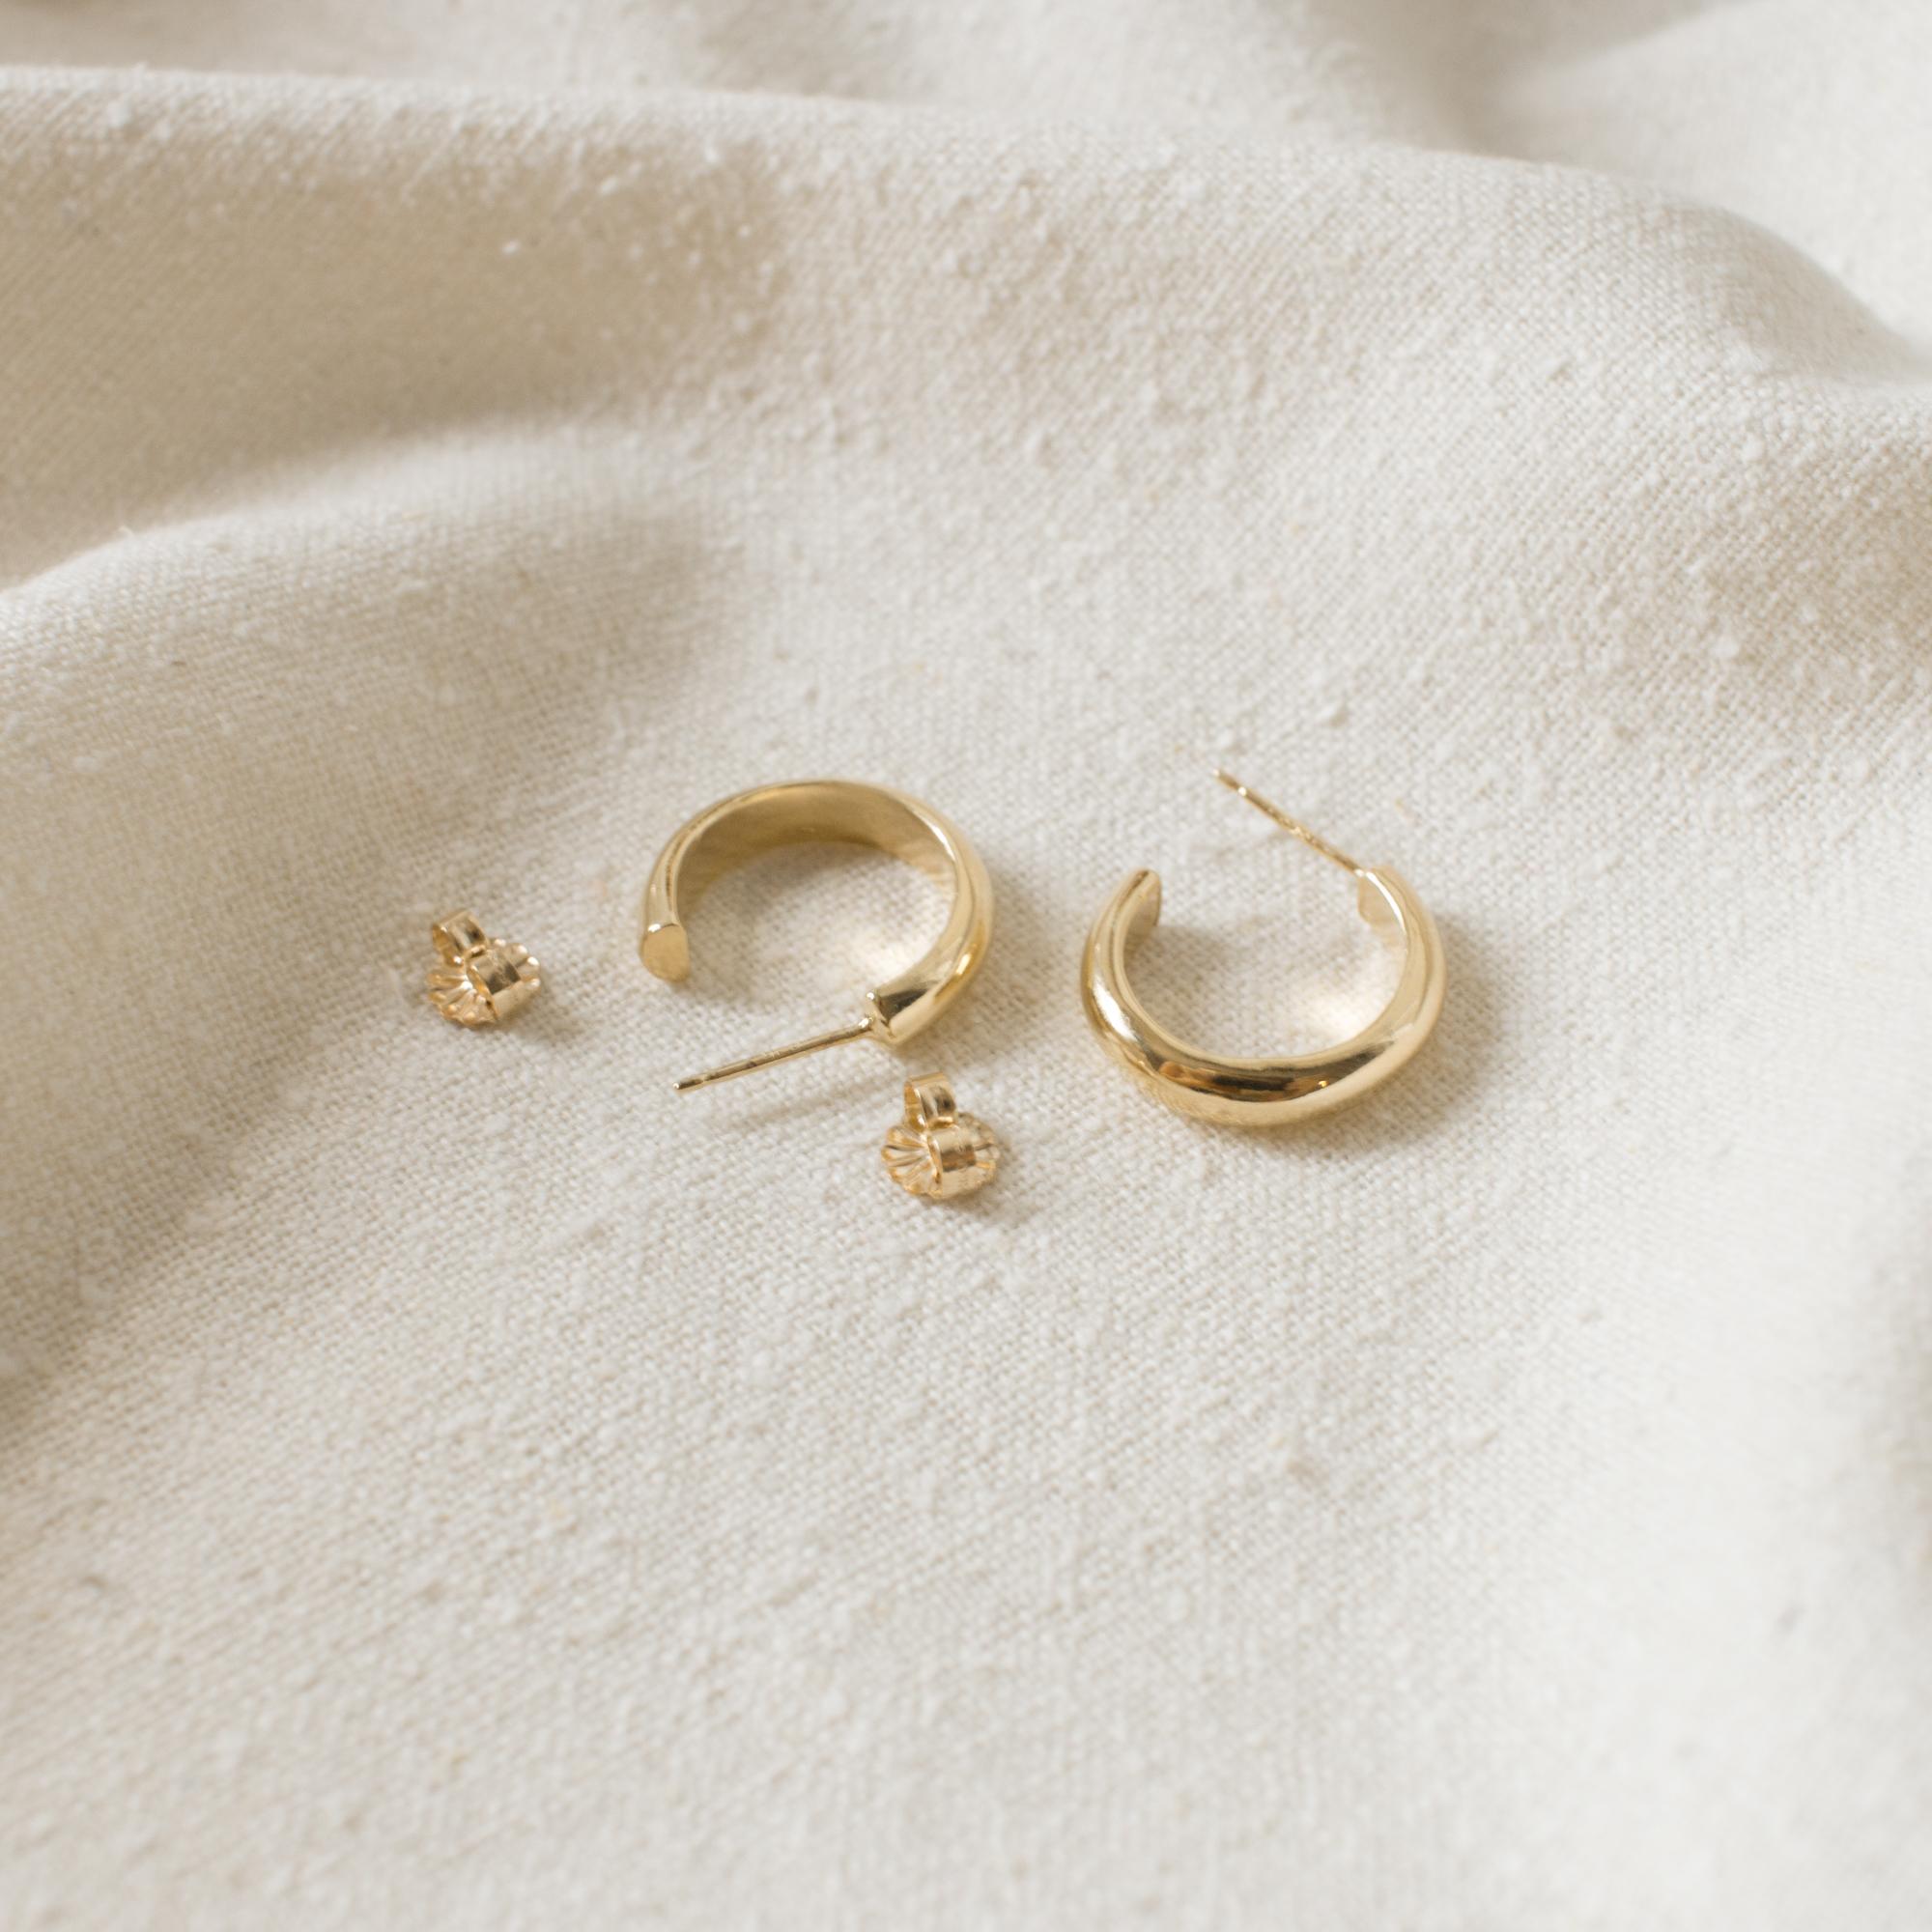 merewif-jane-hoop-earrings-gold-2.jpg